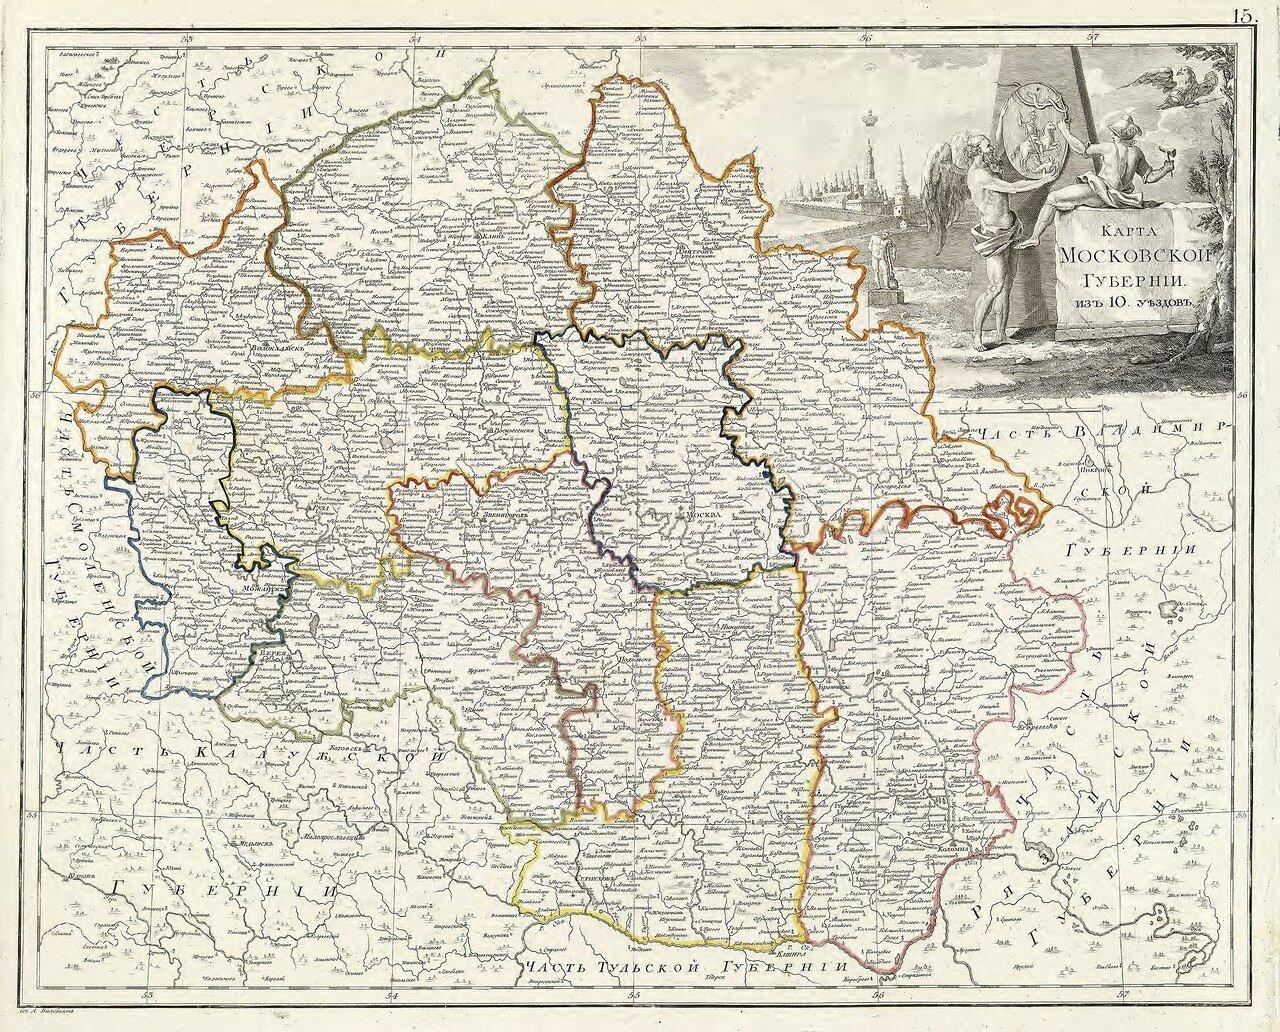 1800. Карта Московской губернии